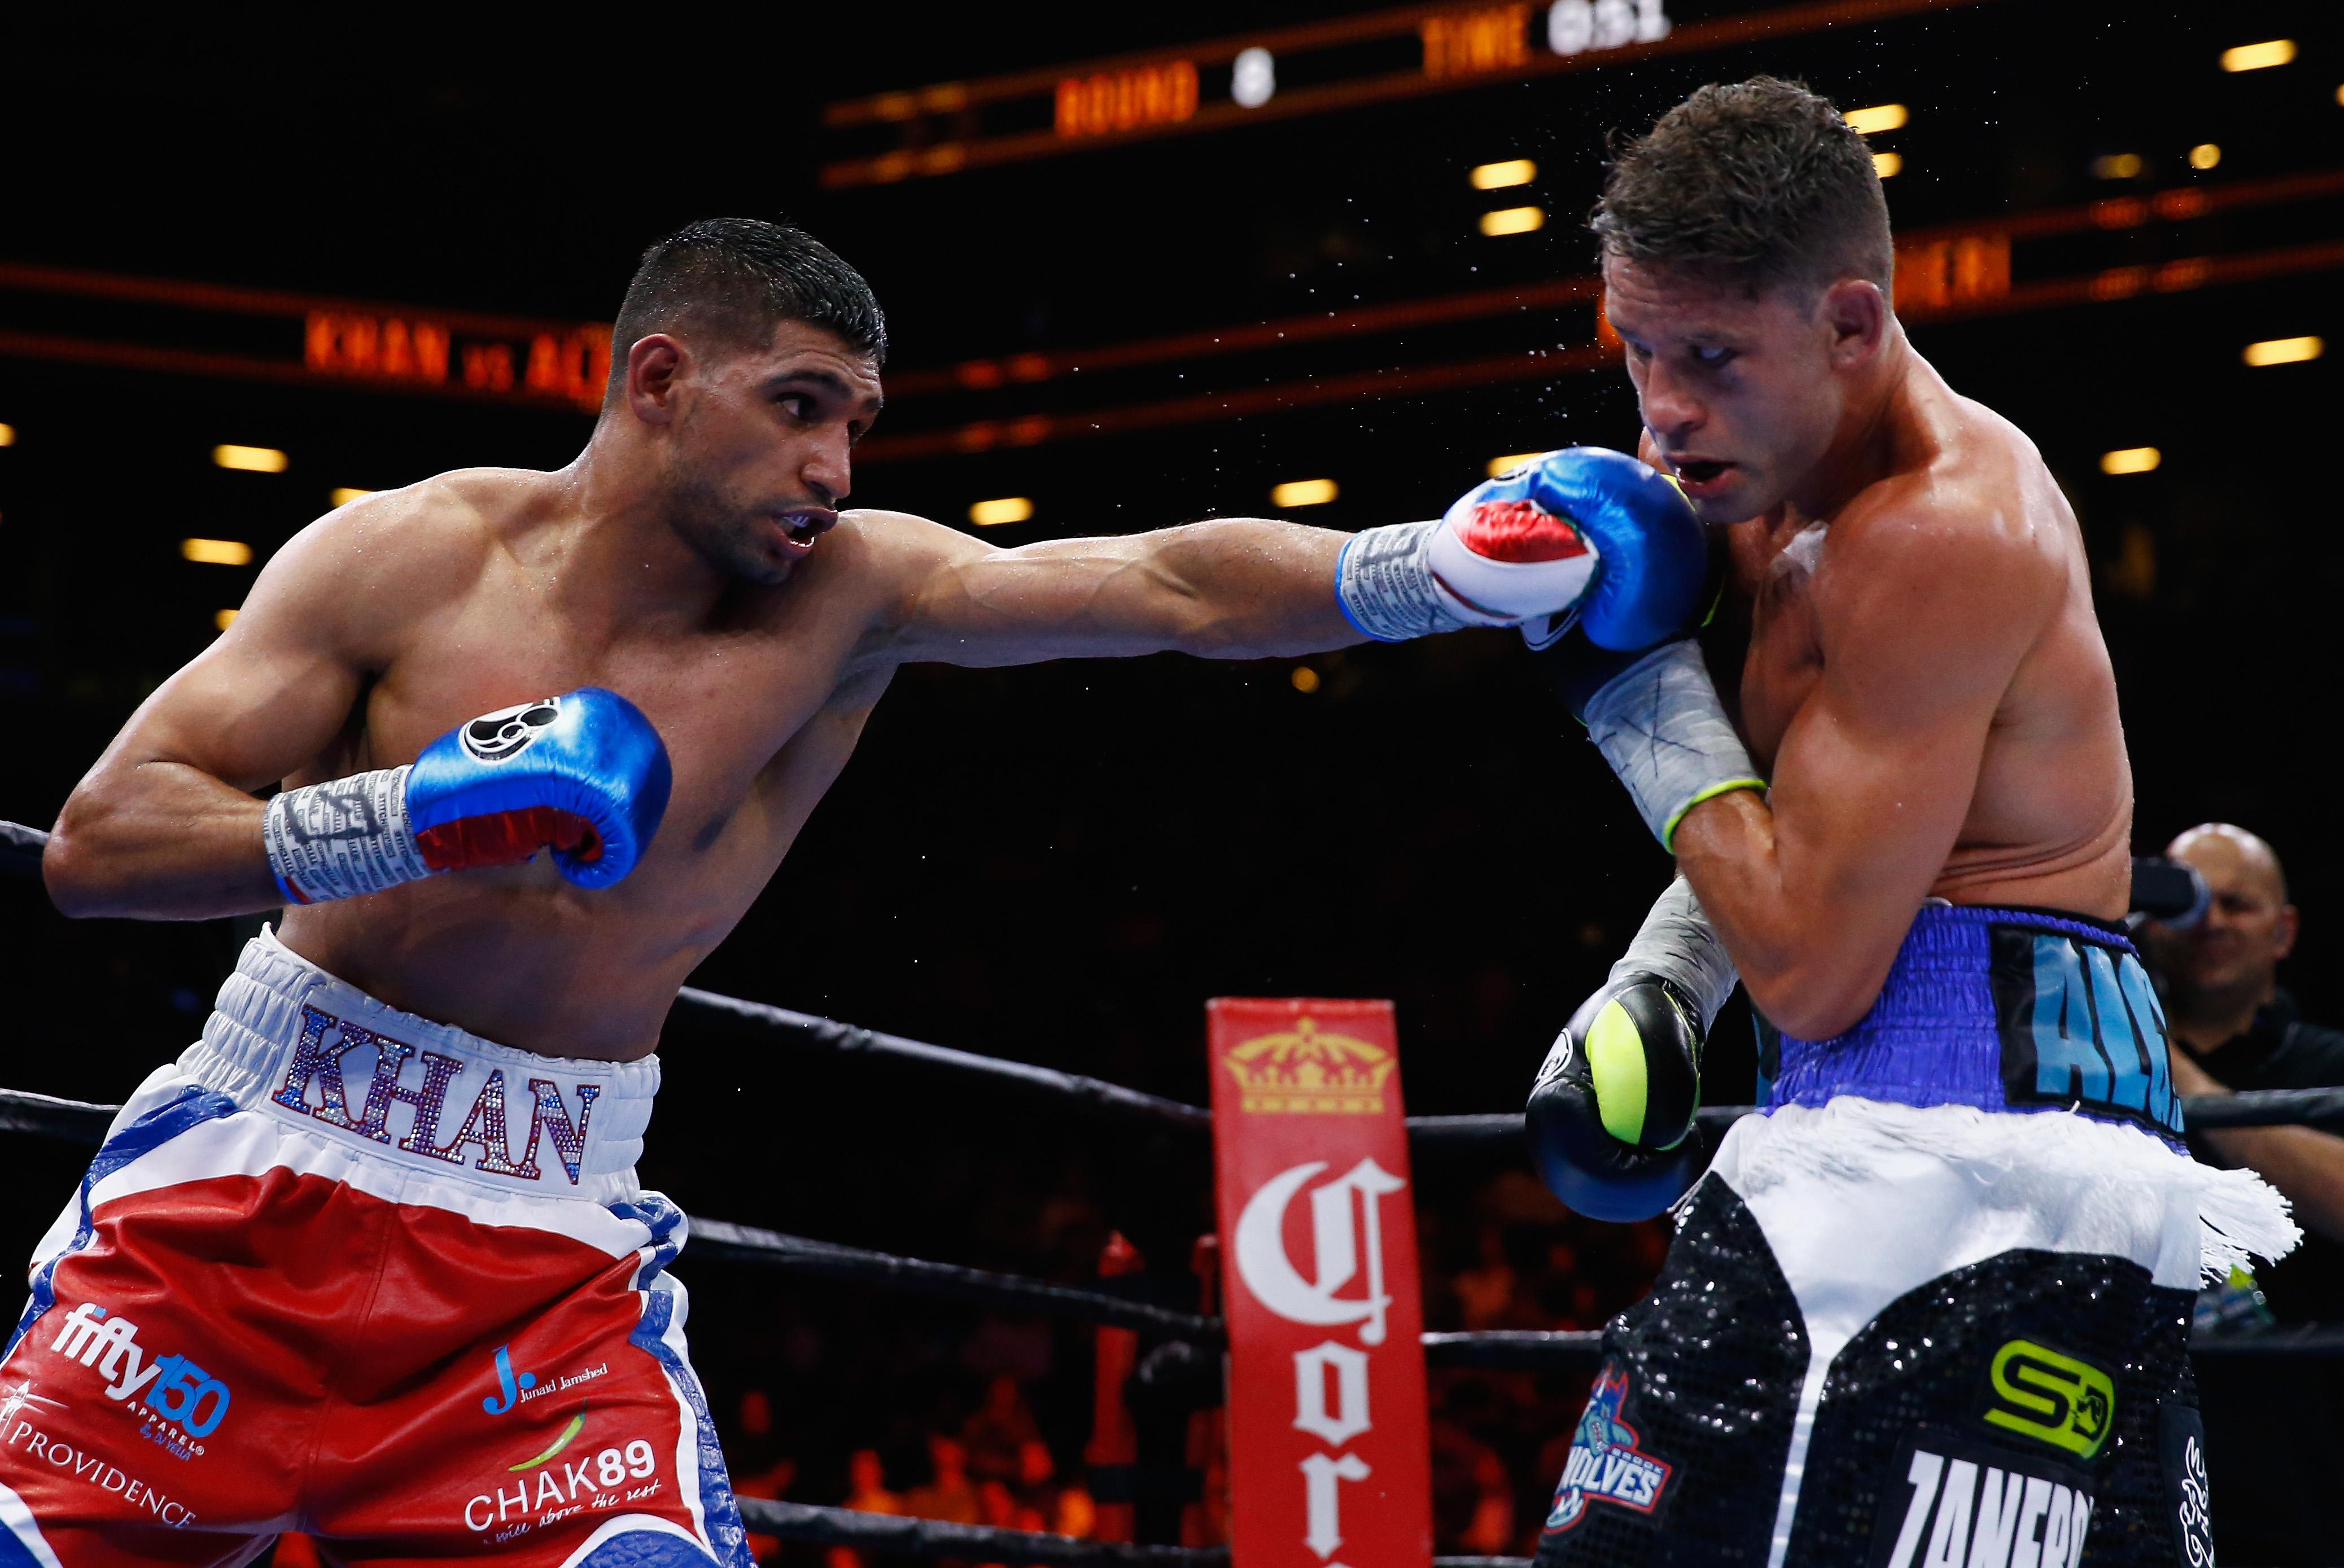 Amir Khan golpea Chris Algieri durante su combate de peso welter en el Barclays Center de Brooklyn el 29 de mayo de 2015, de la ciudad de Nueva York. (Getty)